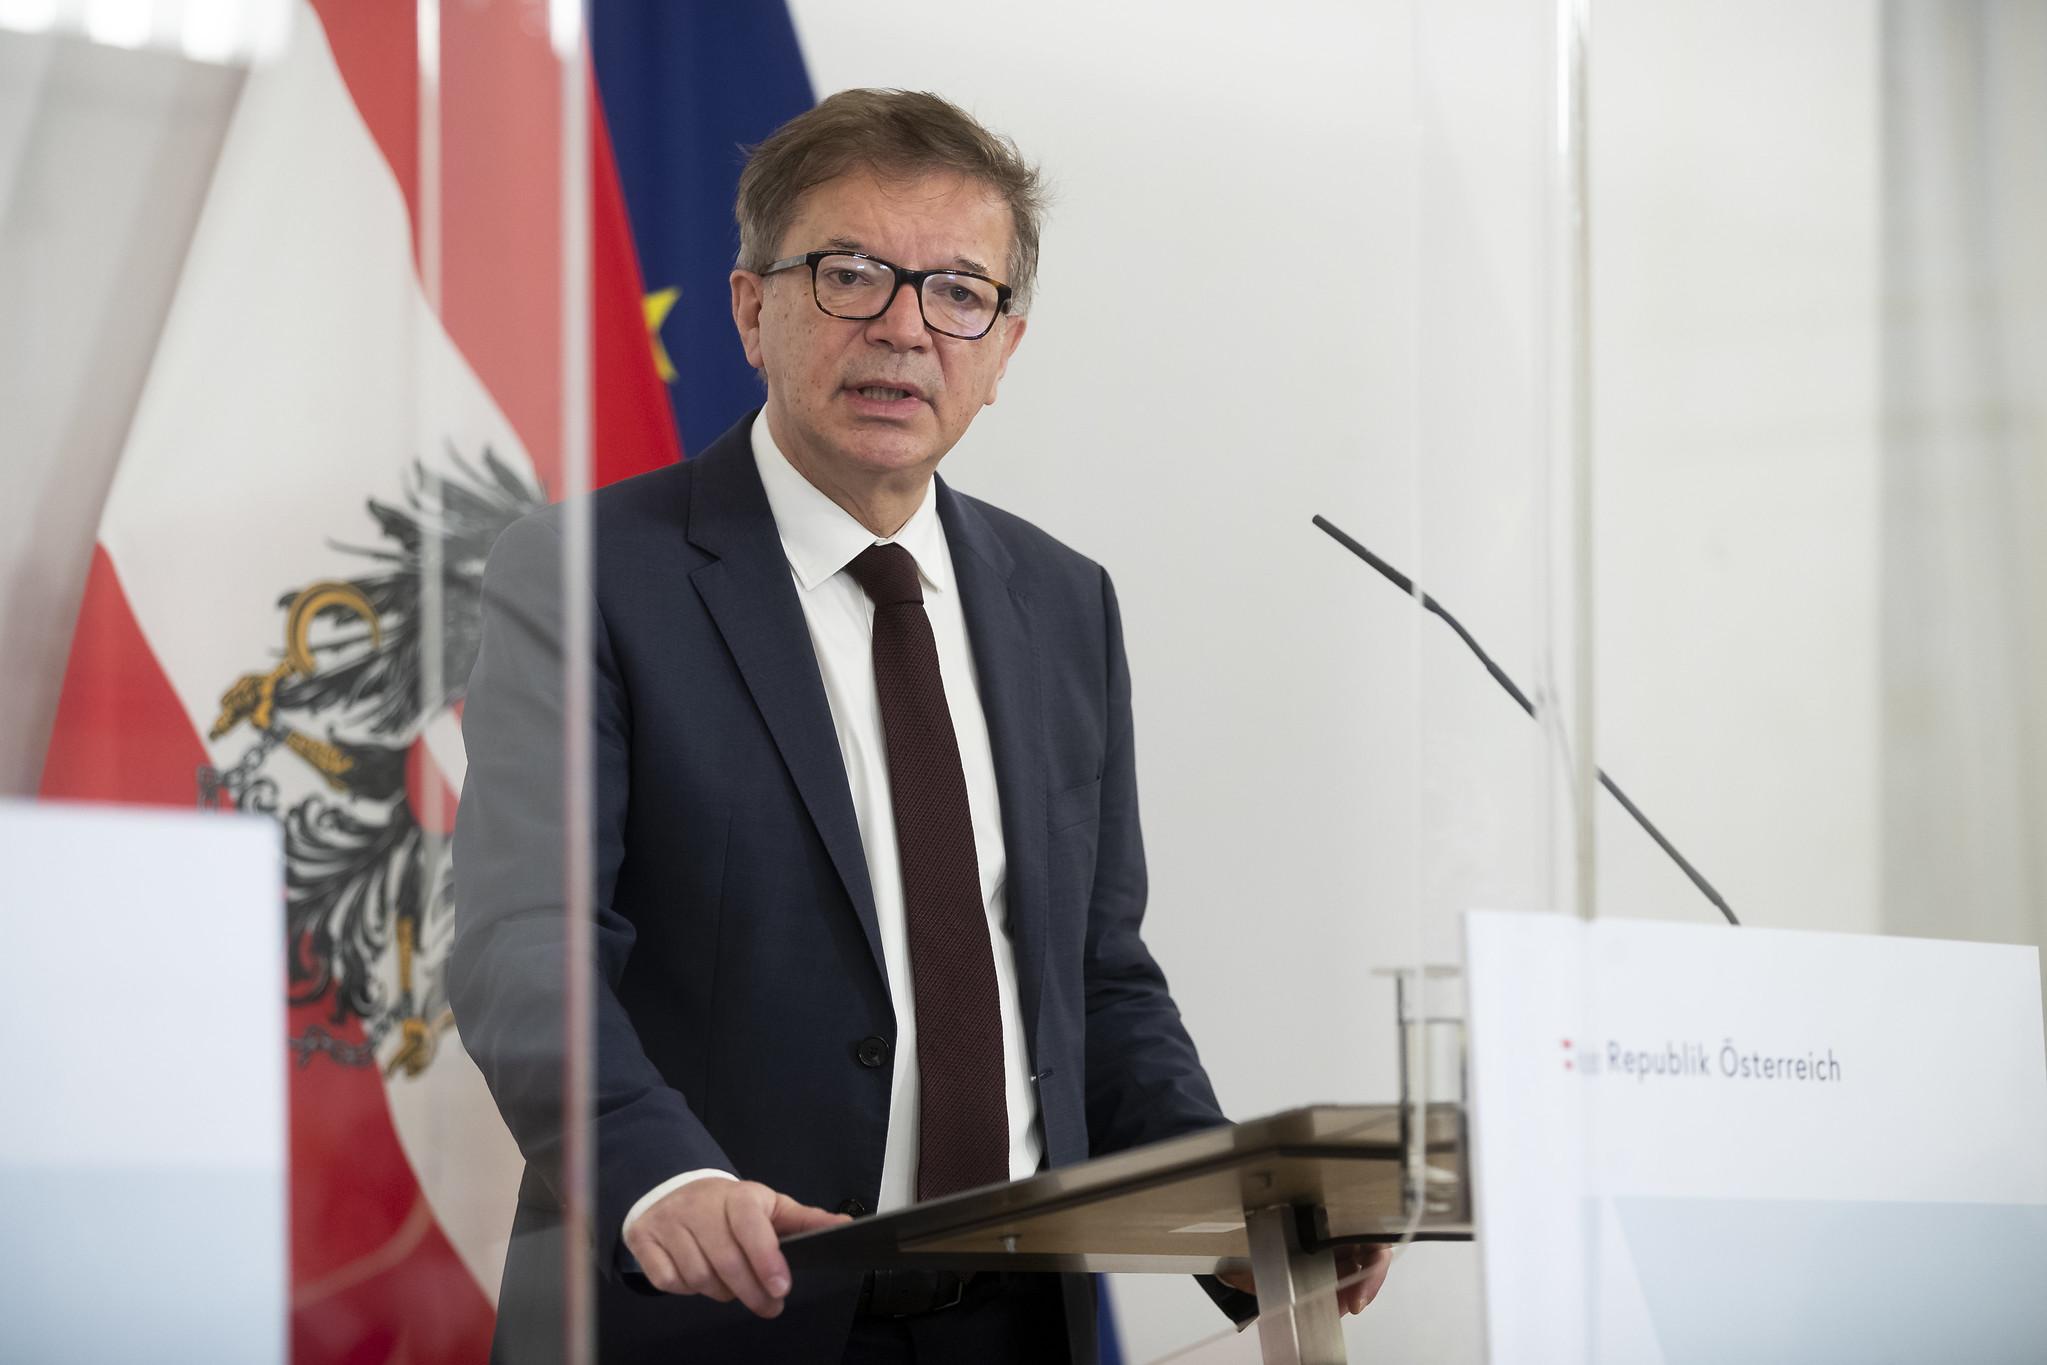 Österreichs Corona-Politik: Erfolgreiche Erfolglosigkeit